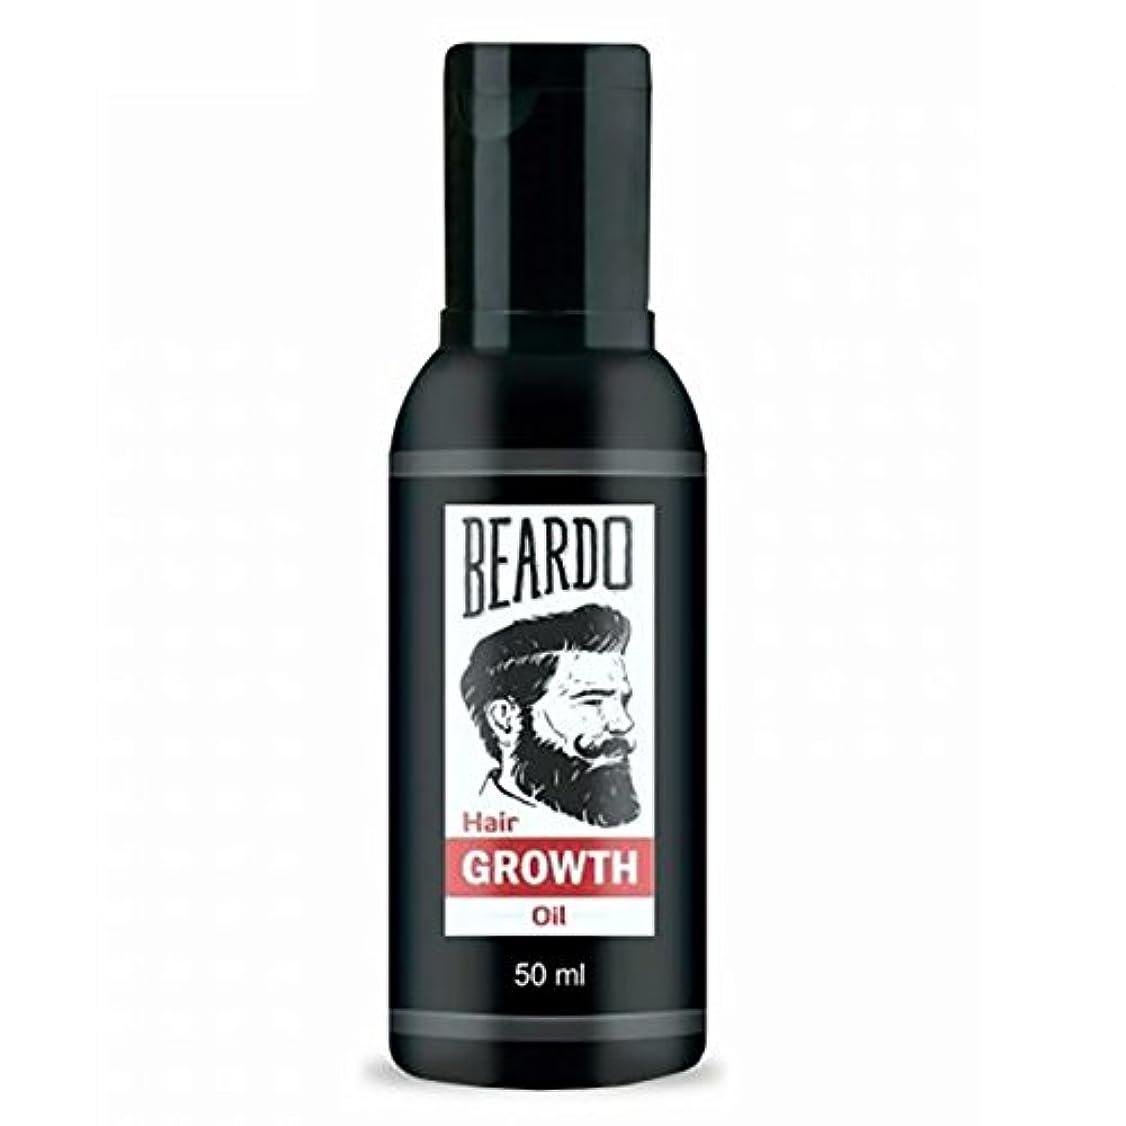 それからクール絶対のBeardo Beard and Hair Growth Oil 50 ml With Natural Ingredients - Rose and Hibiscus Oils